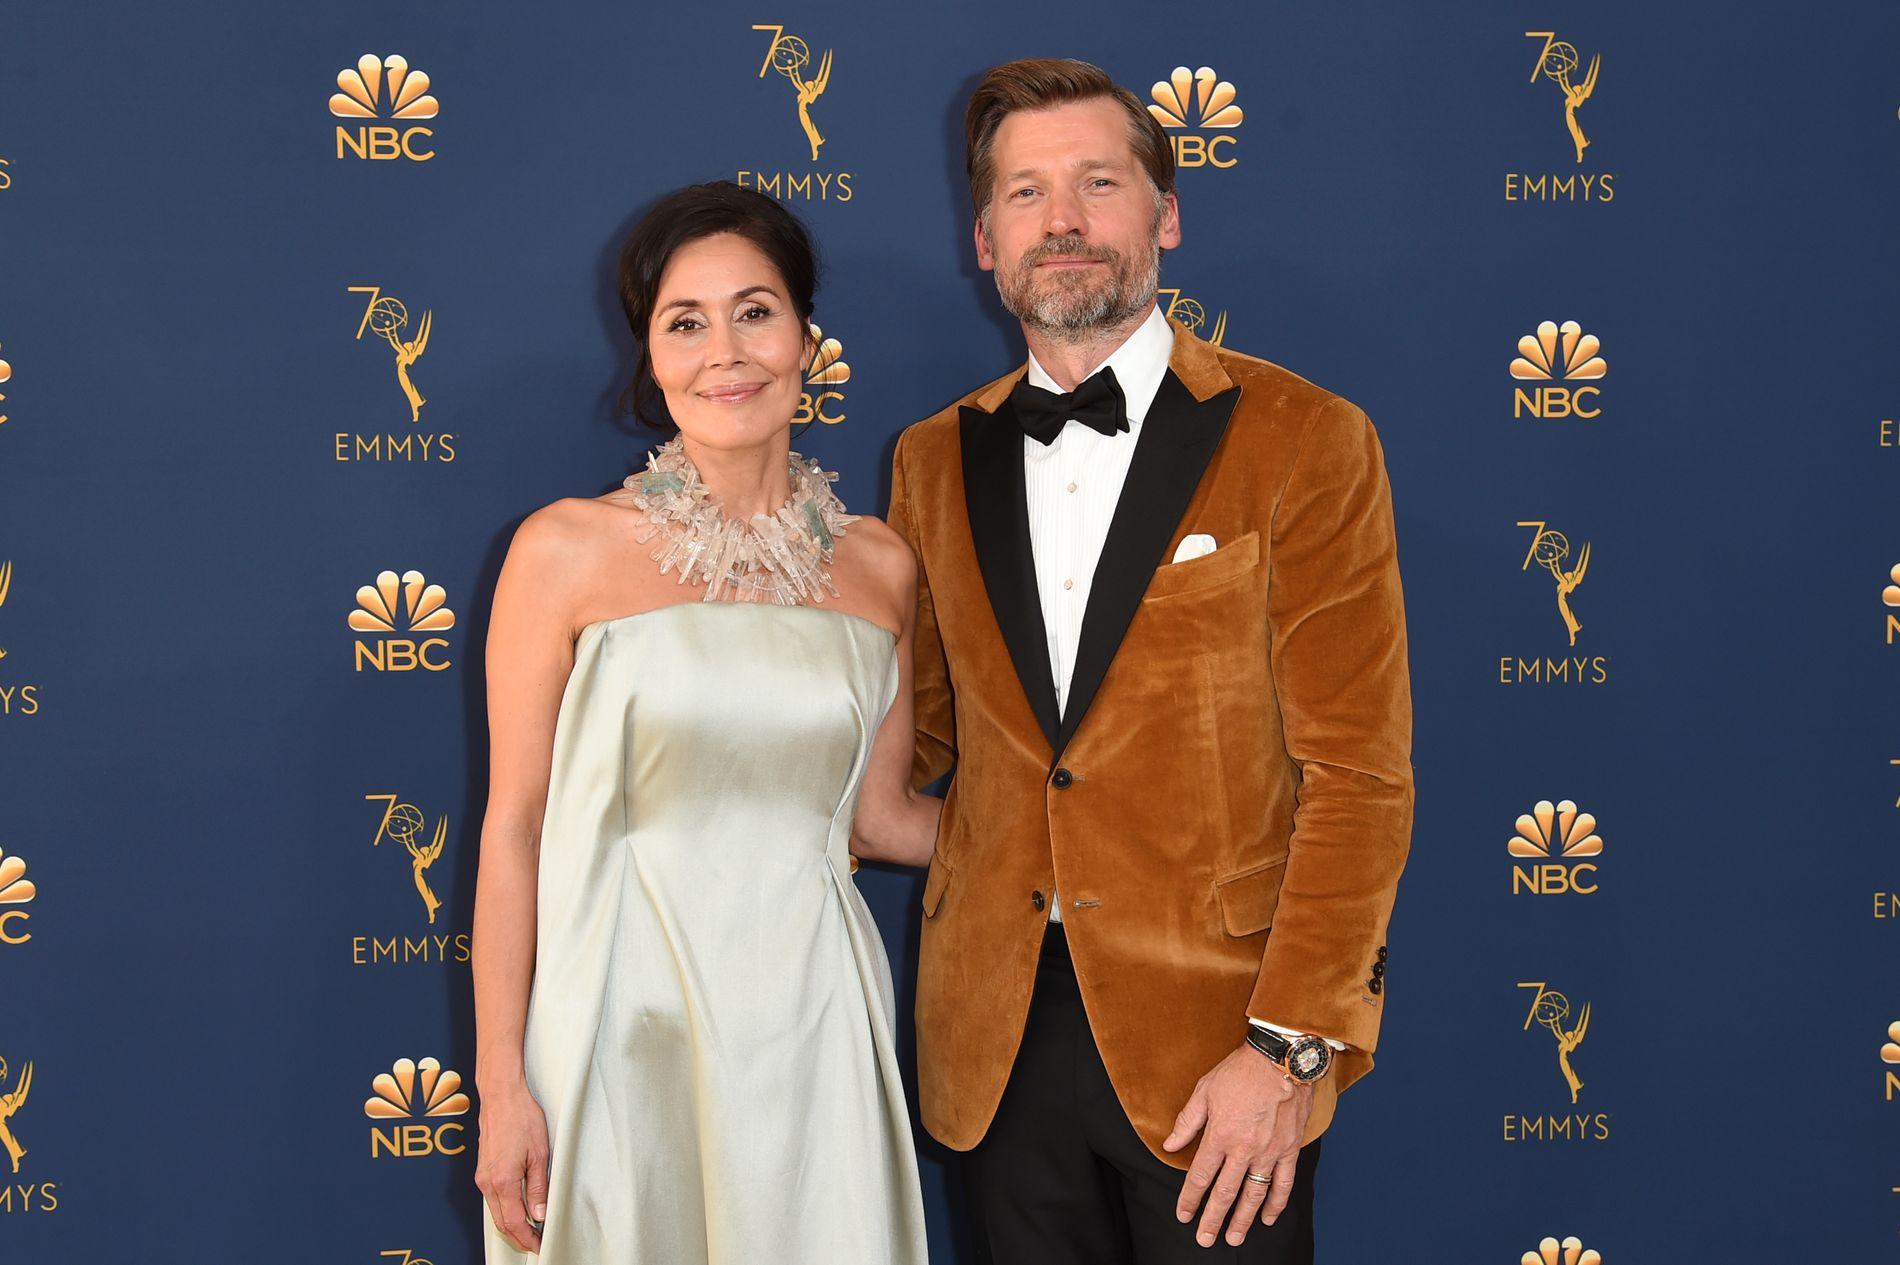 RØD LØPER: Nukaaka Coster-Waldau og Nikolaj på Emmy-utdelingen i september 2018.